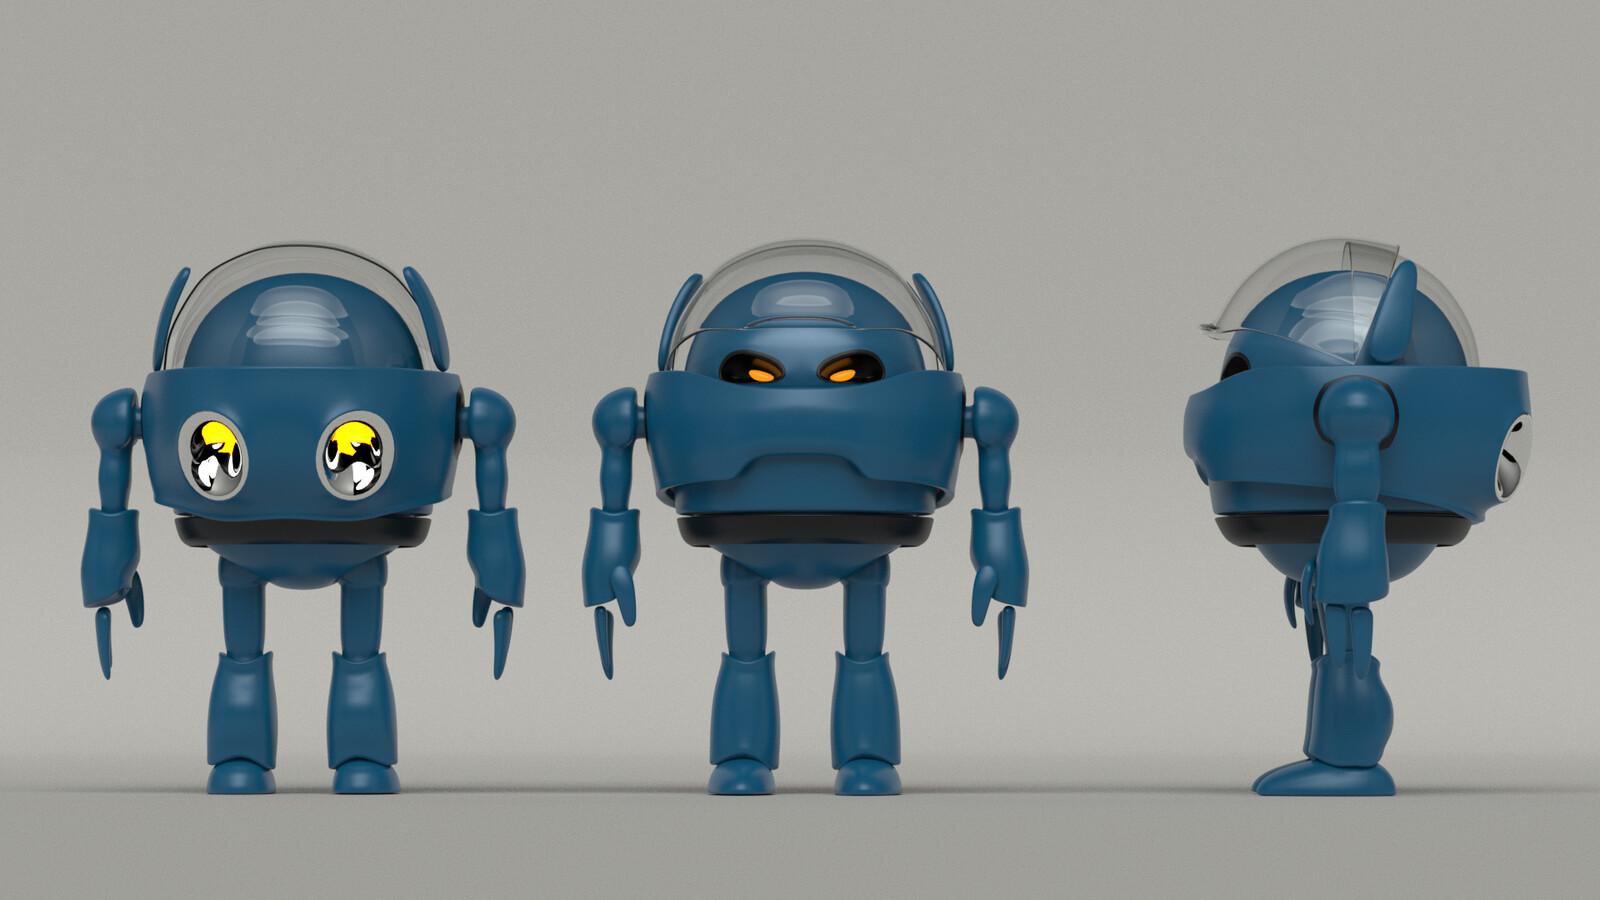 3d views Concept Cartoon Robot (Own Design)